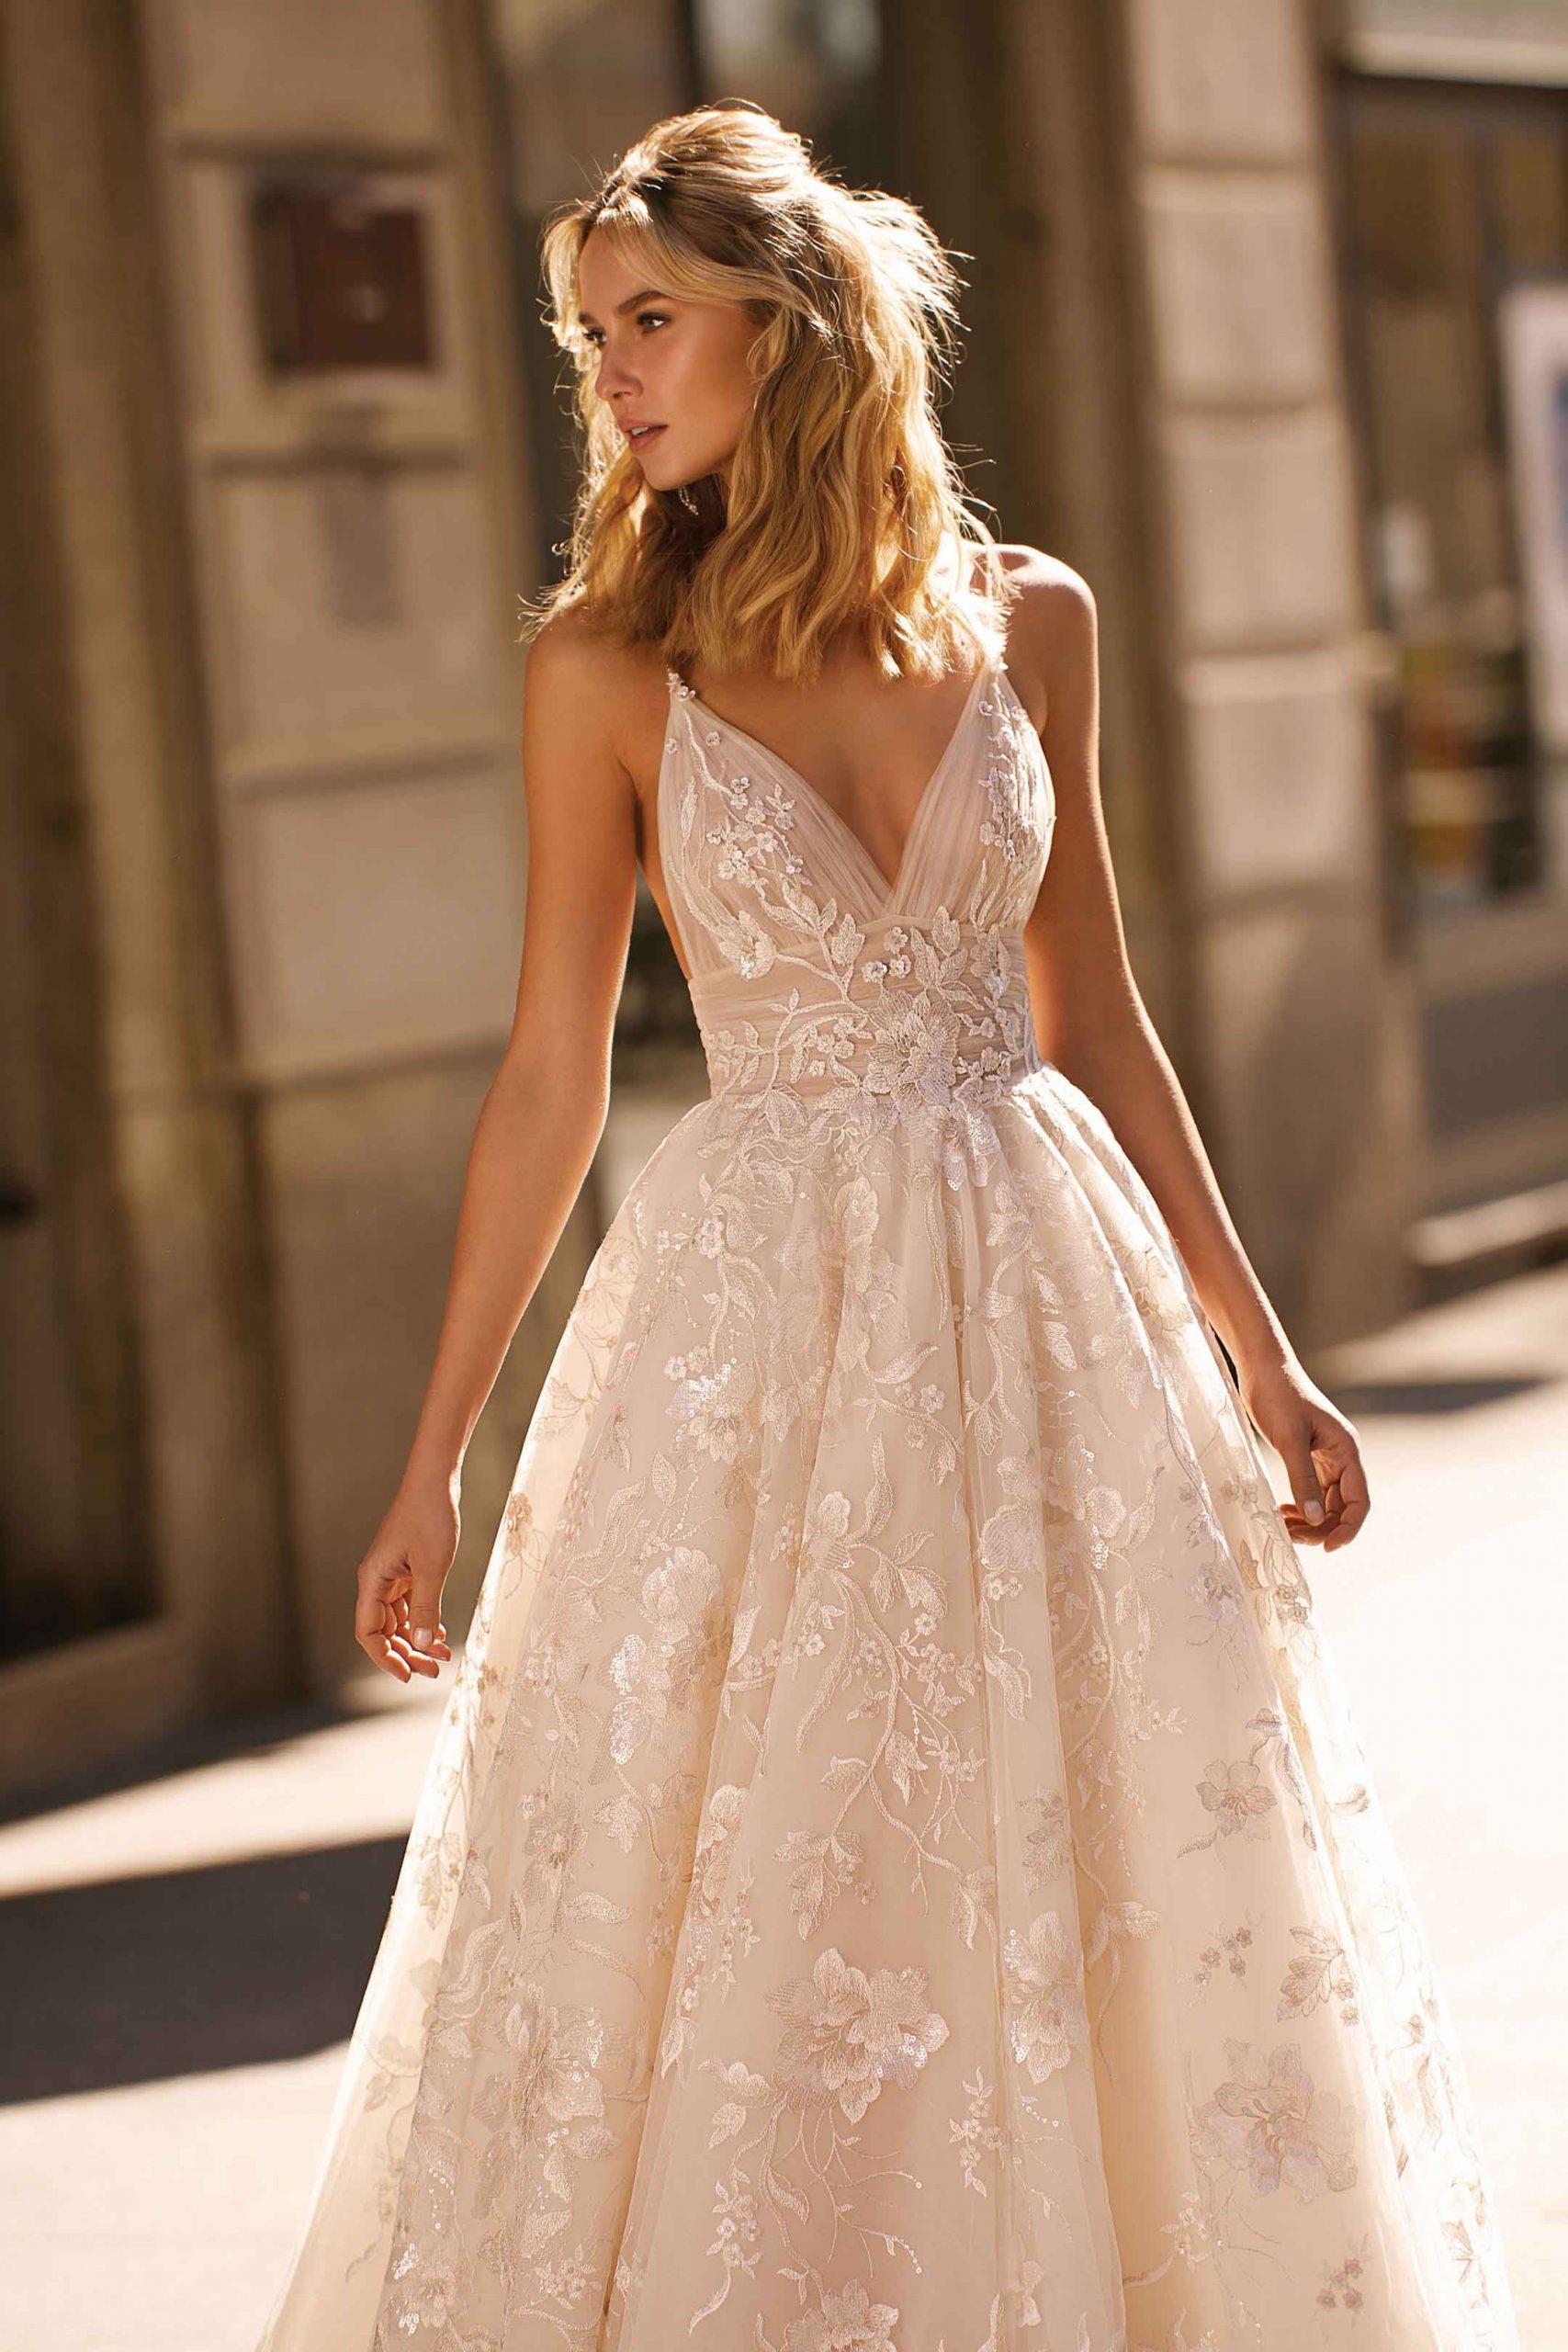 S/s 2020 | Berta In 2020 | Kleider Hochzeit, Kleid Hochzeit